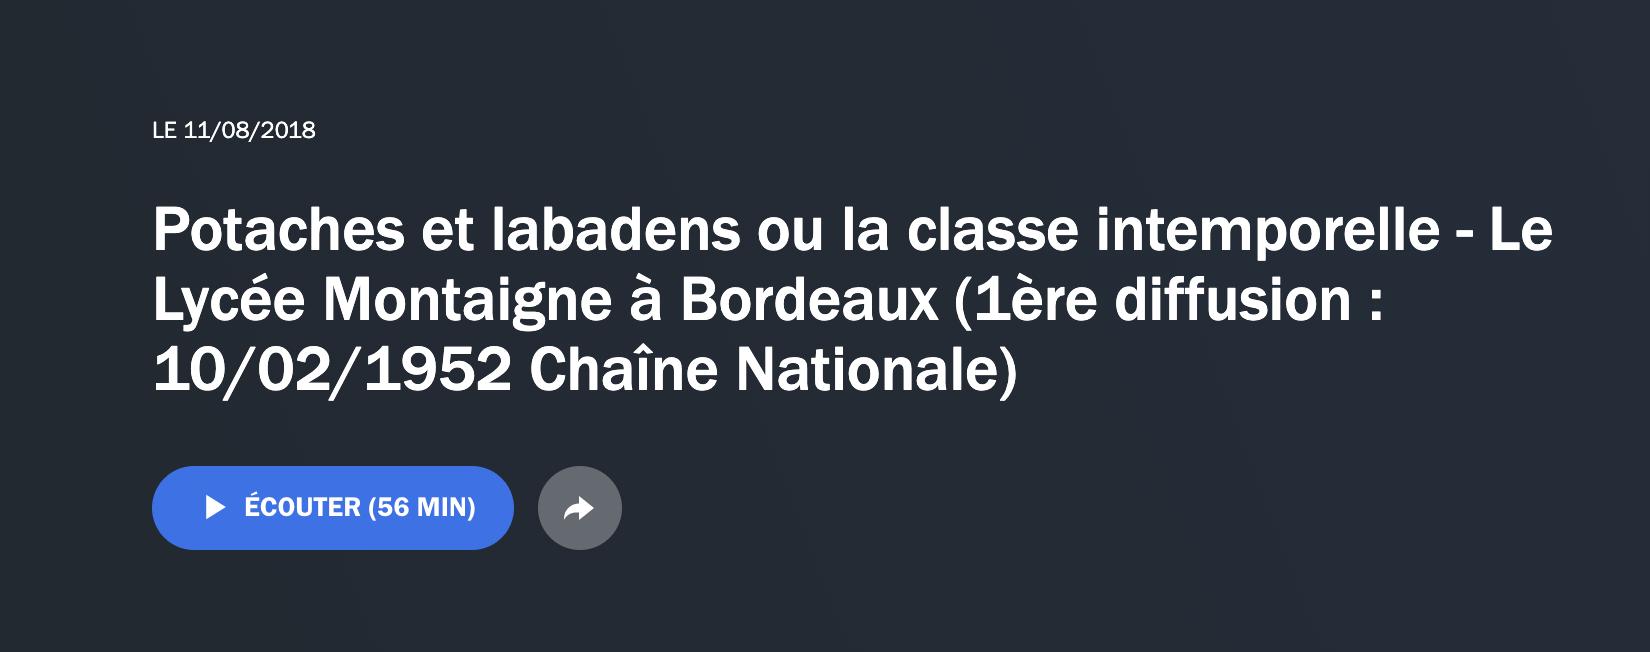 Emission radio « Potaches et labadens ou la classe intemporelle – Le Lycée Montaigne à Bordeaux » (1ère diffusion : 10/02/1952 Chaîne Nationale)